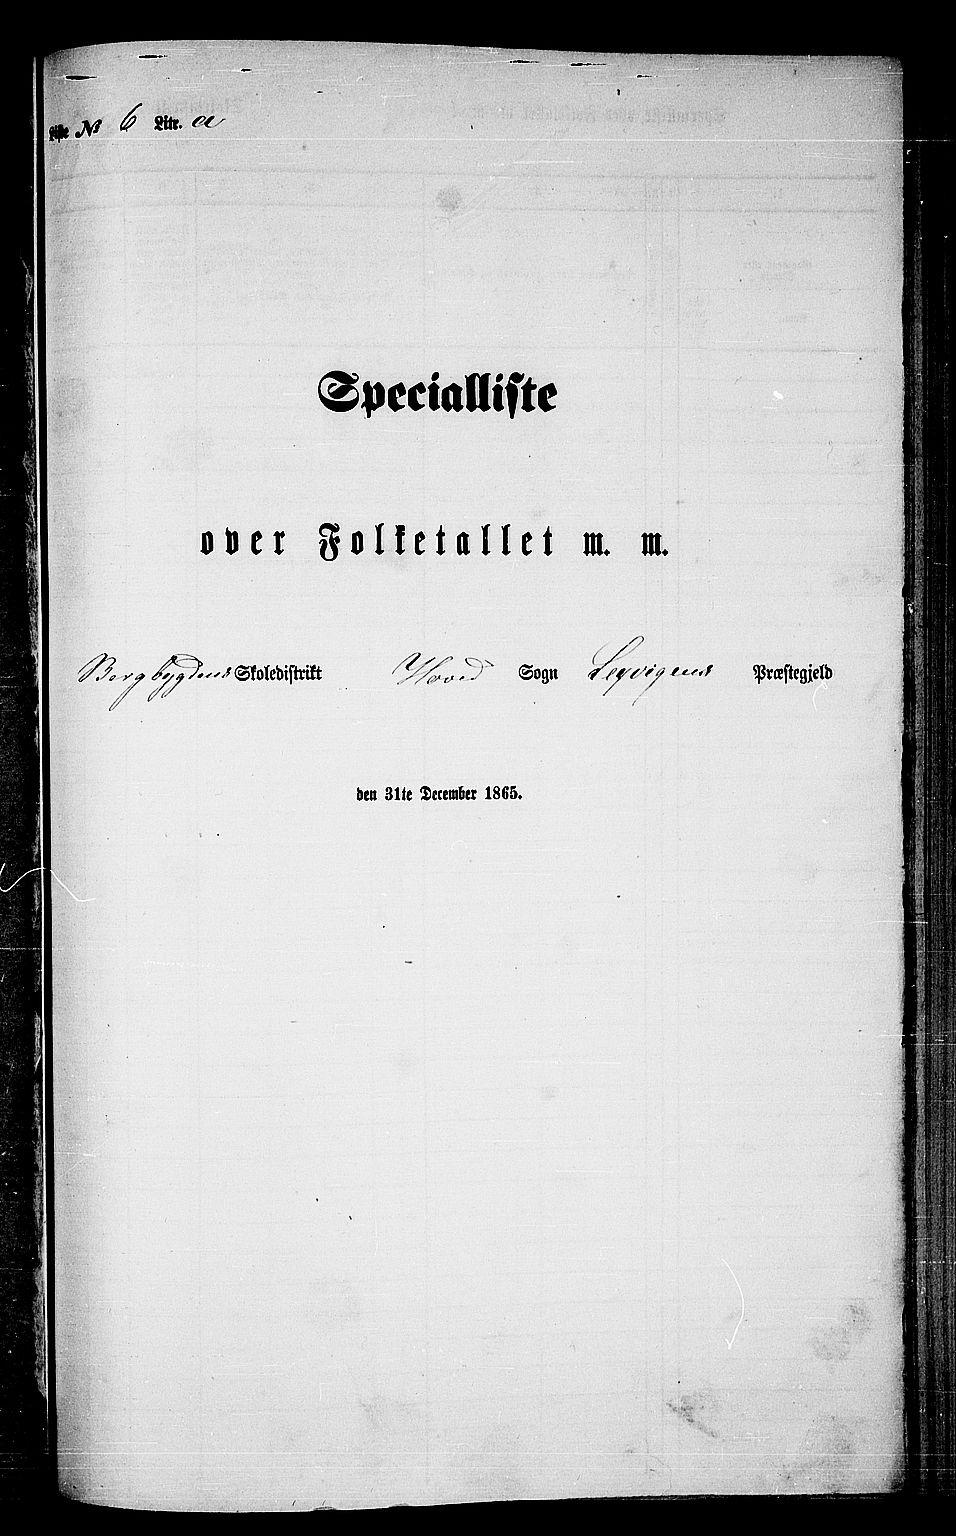 RA, Folketelling 1865 for 1718P Leksvik prestegjeld, 1865, s. 132